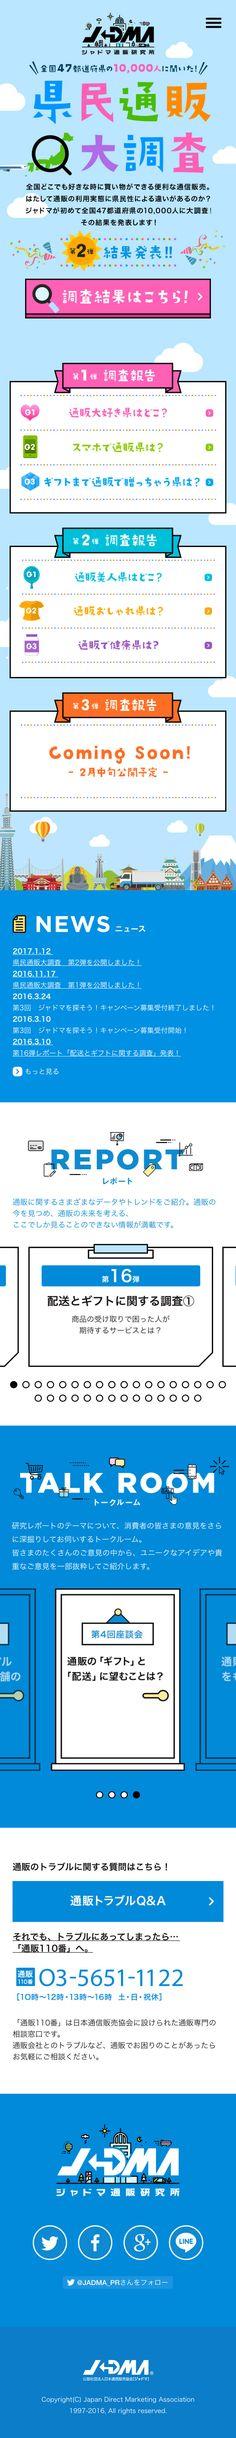 ジャドマ通販大調査【インターネットサービス関連】のLPデザイン。WEBデザイナーさん必見!スマホランディングページのデザイン参考に(かわいい系) Website Layout, Web Layout, Layout Design, Happy Design, Mobile Design, Web Banner, Site Design, Web Design Inspiration, Japan